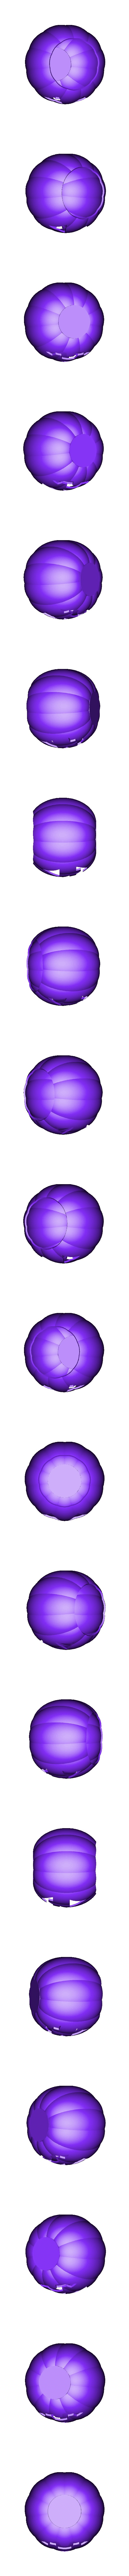 Jack-O-Lantern_Base.stl Download STL file Jack-O'-Lantern • Design to 3D print, abbymath